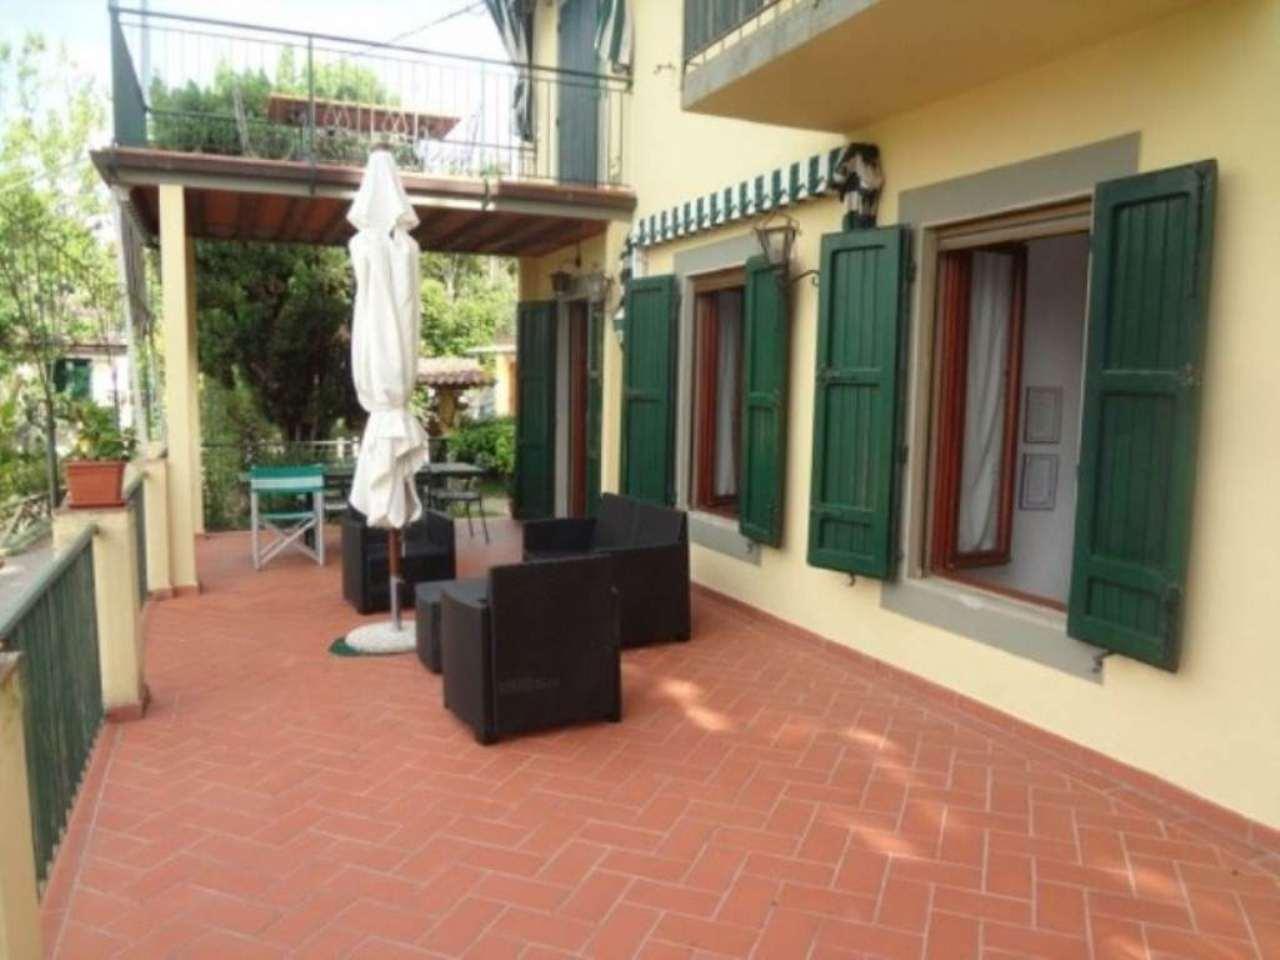 Rustico / Casale in vendita a Pelago, 6 locali, prezzo € 600.000 | Cambio Casa.it